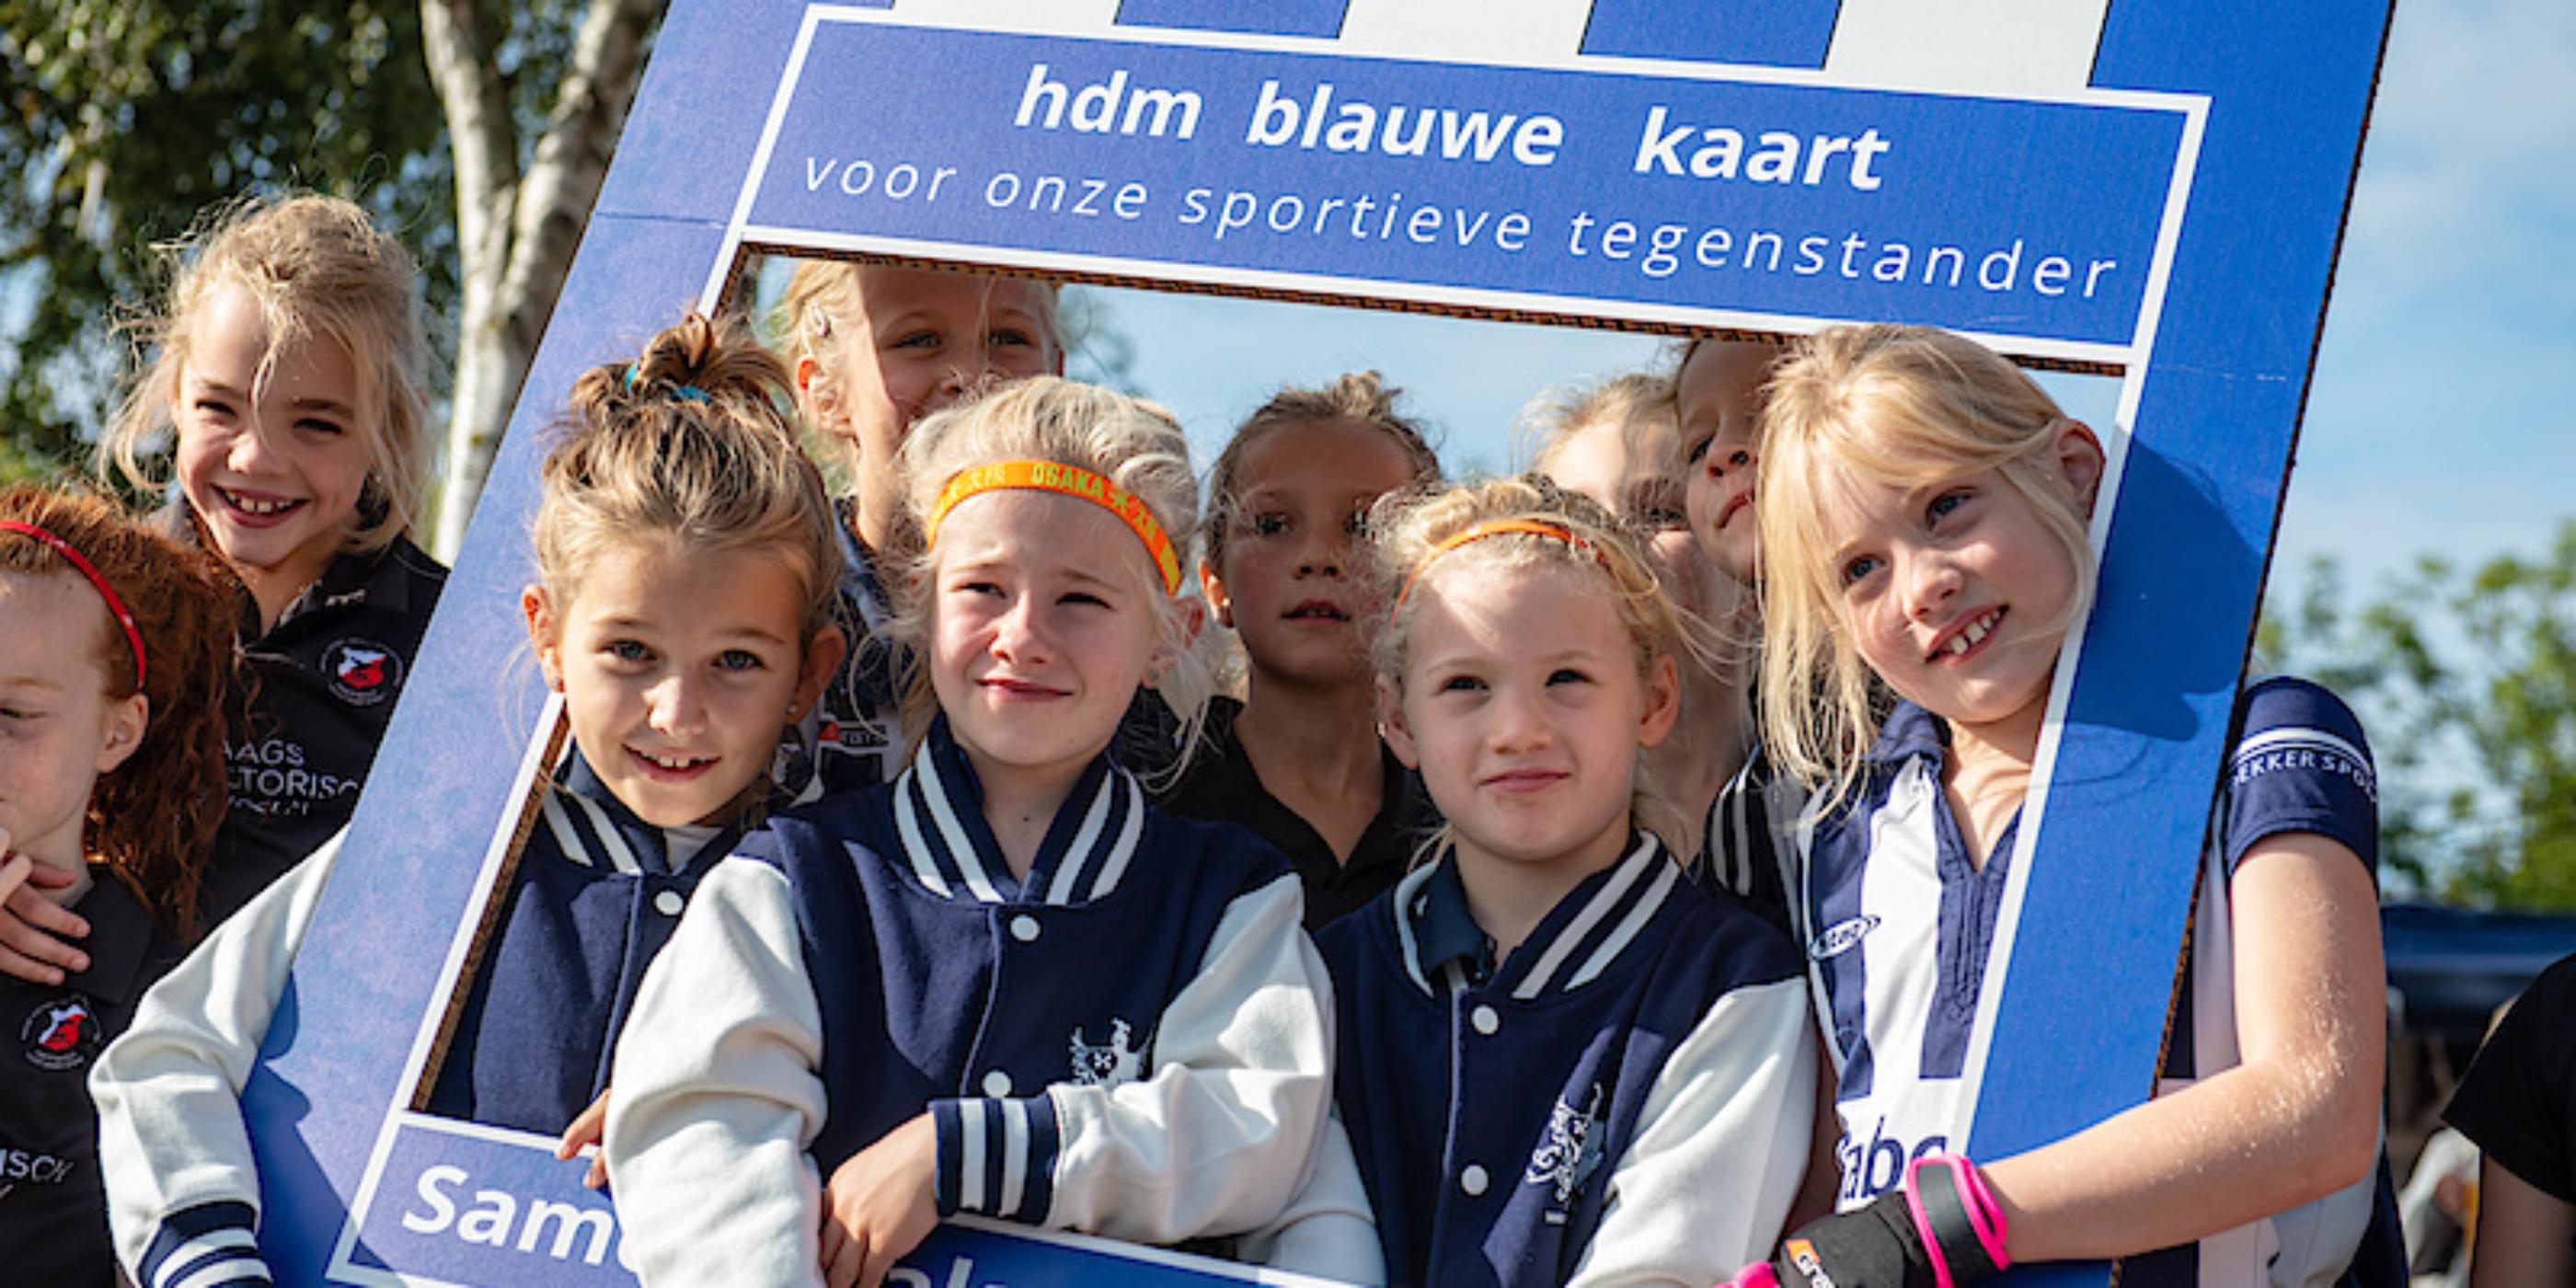 Blauwe kaart hdm vergroot Sportiviteit & Respect op het veld